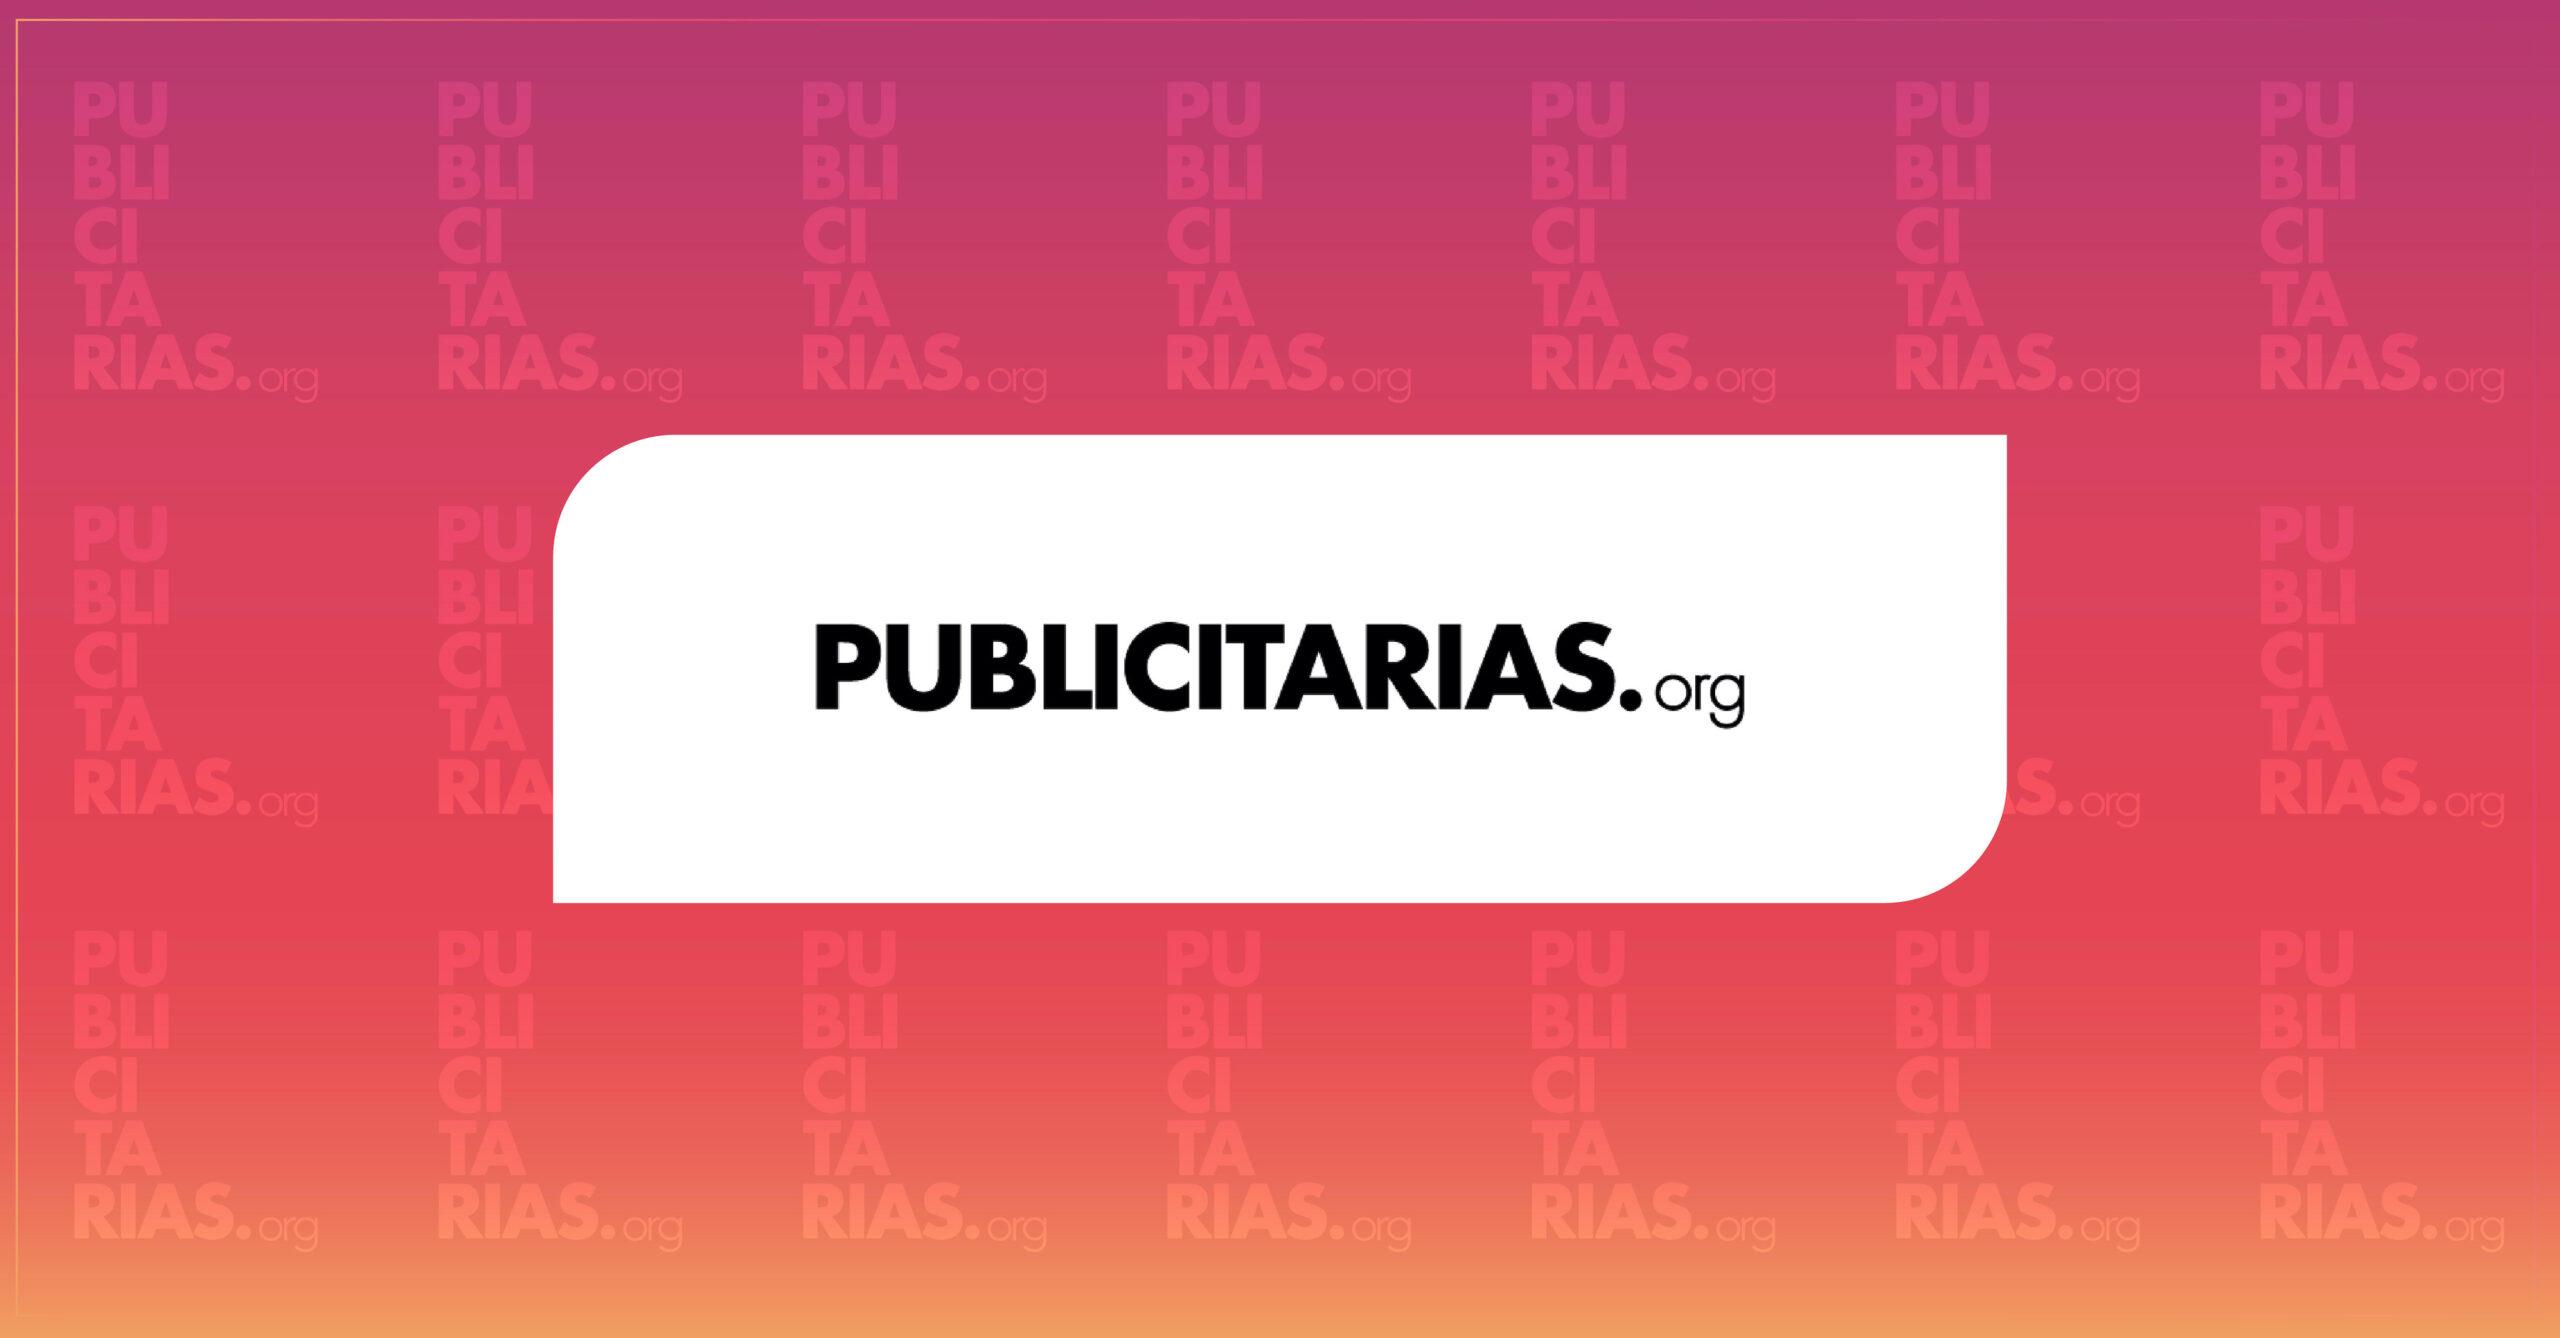 publicitarias.org